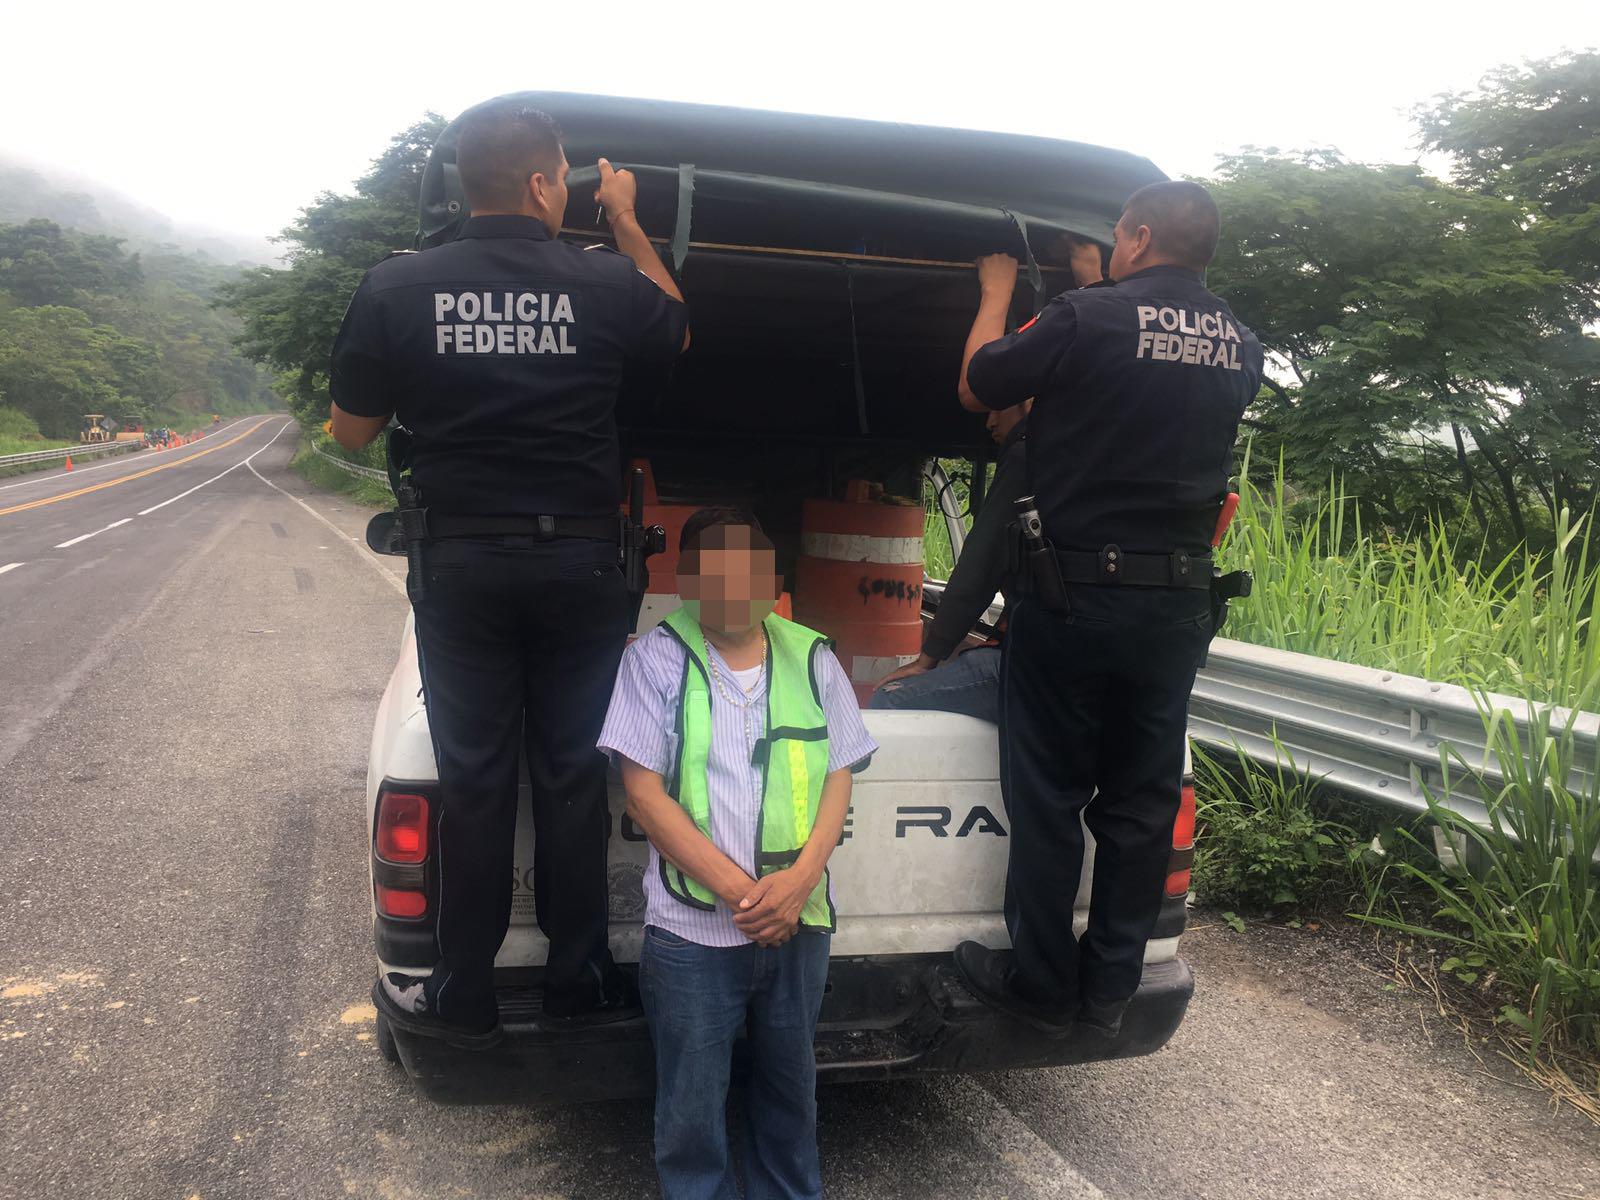 Policía Federal rescata a diez personas indocumentadas y detiene a dos presuntos traficantes de personas en Chiapas